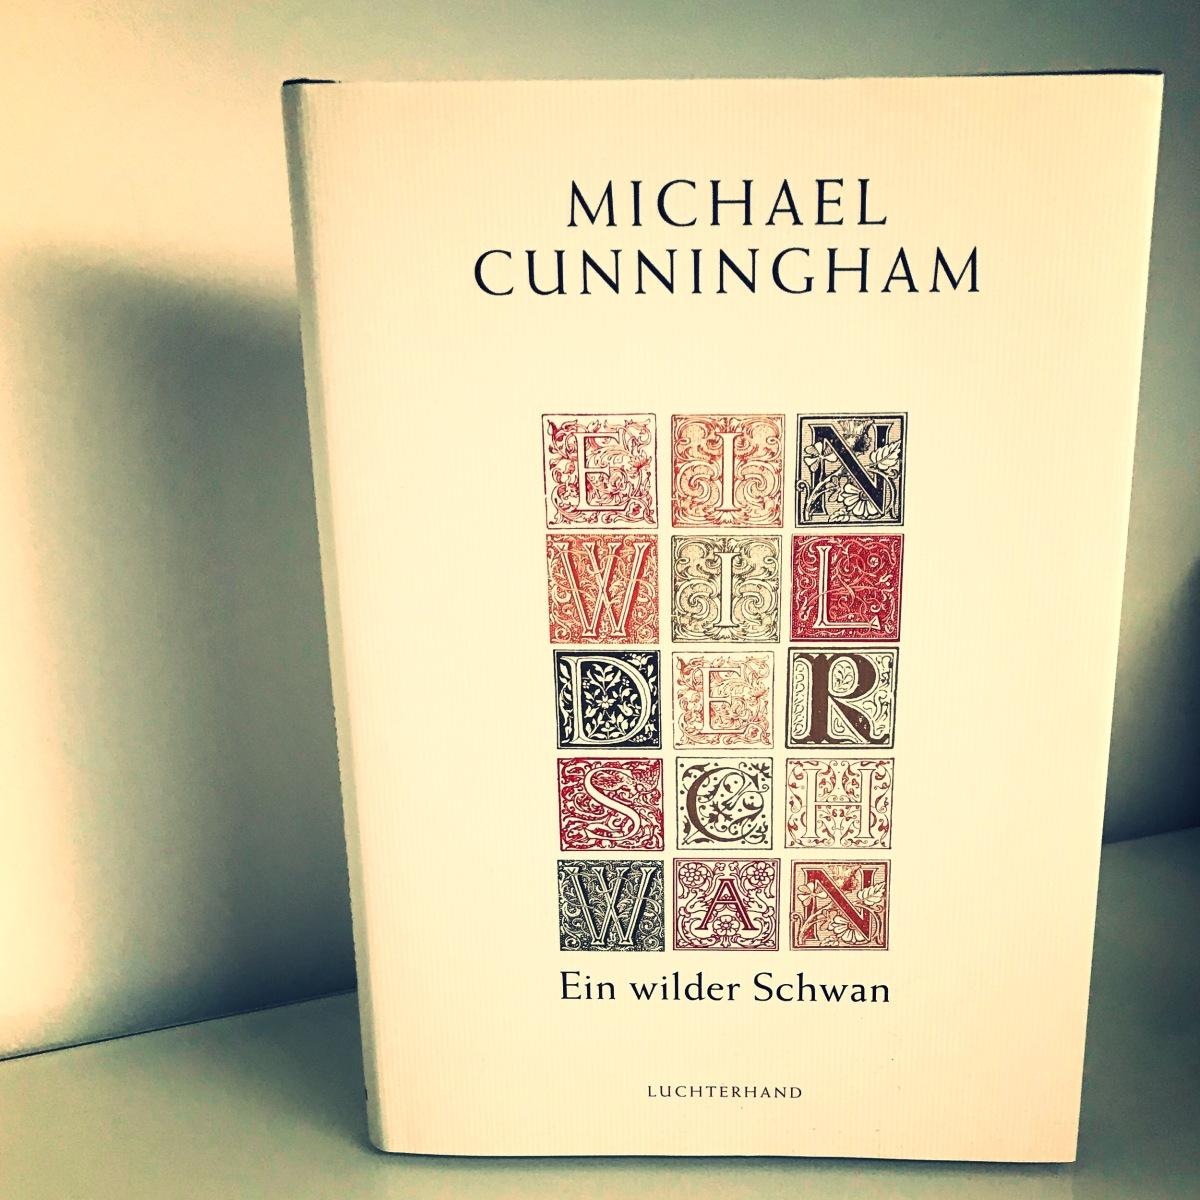 Ein wilder Schwan * Michael Cunningham